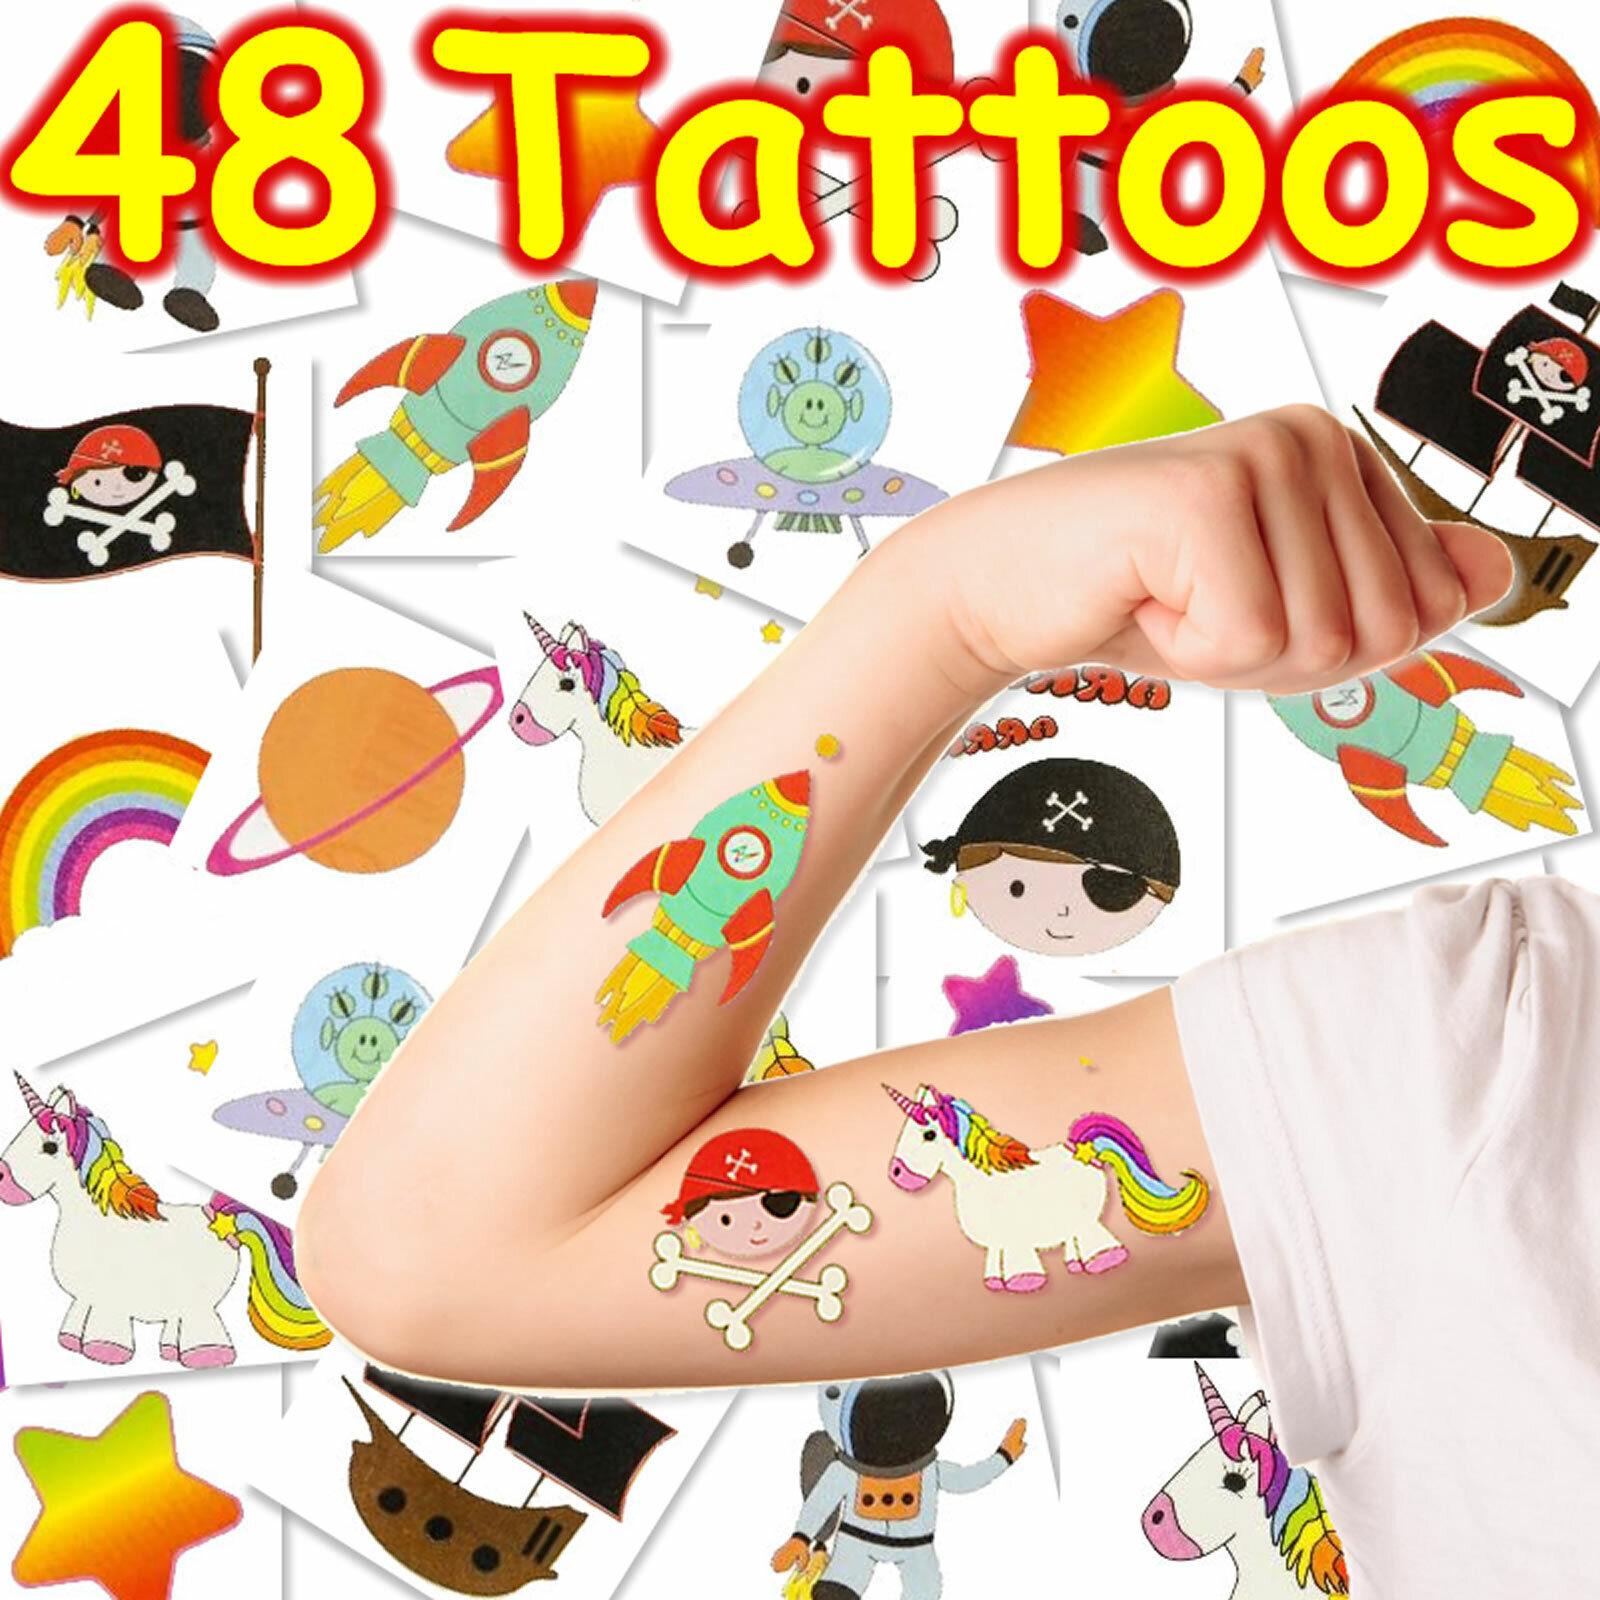 XXL KINDER TATTOO SET - 48 Tattoos Kindergeburtstag Kindertattoos Mitgebsel